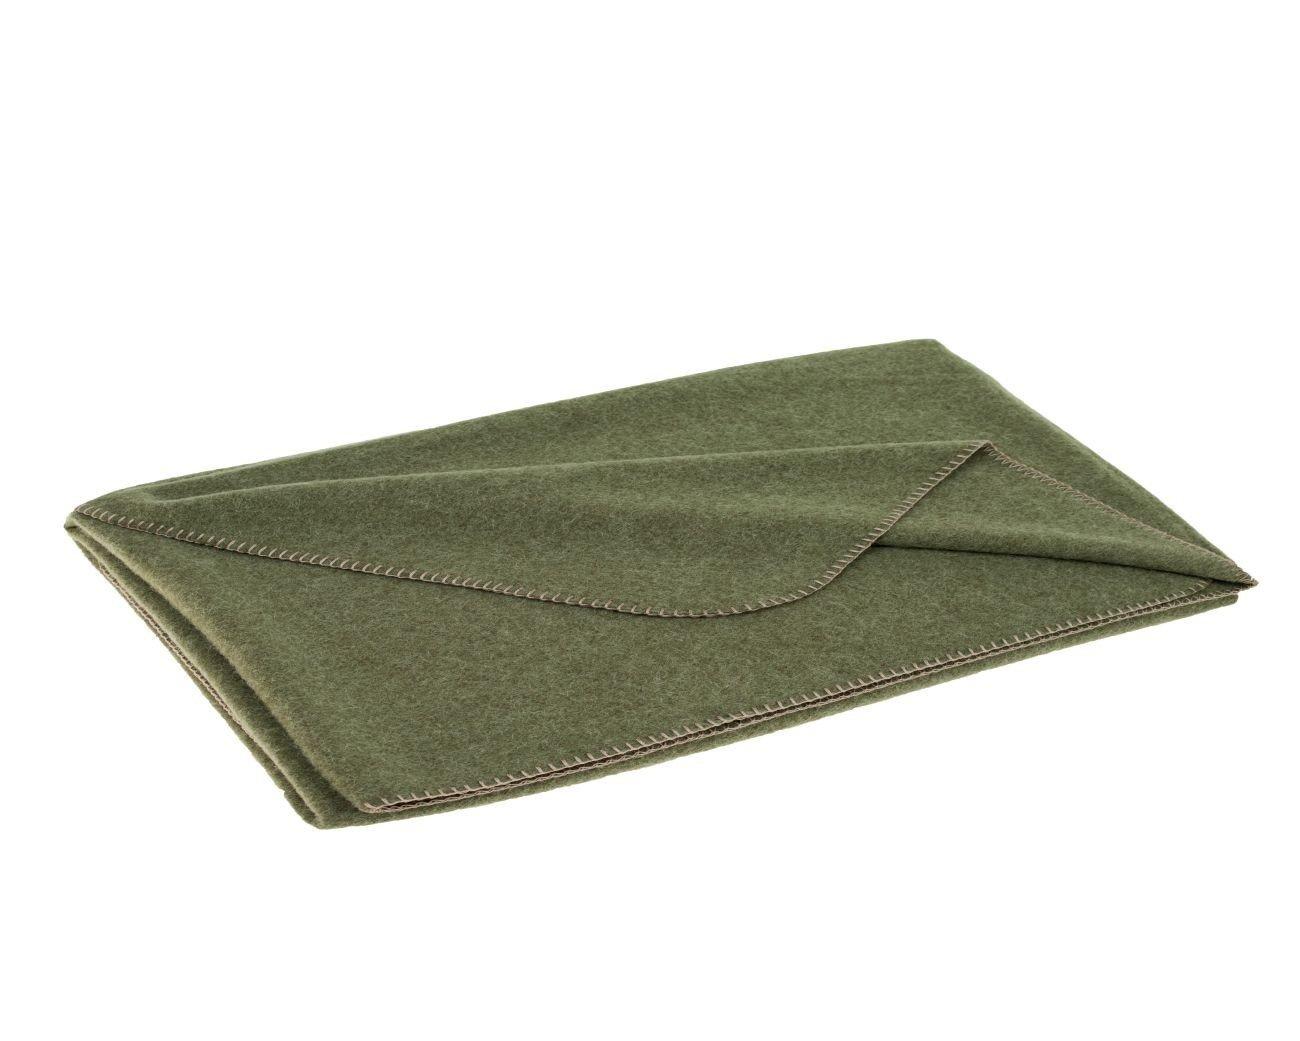 STEINER 1888 Hell olivgrüne Wolldecke 'Oliv' aus 50% Merinowolle und 50% Alpaka, 190x150cm, umkettelt, ca 1000 g, waschbar